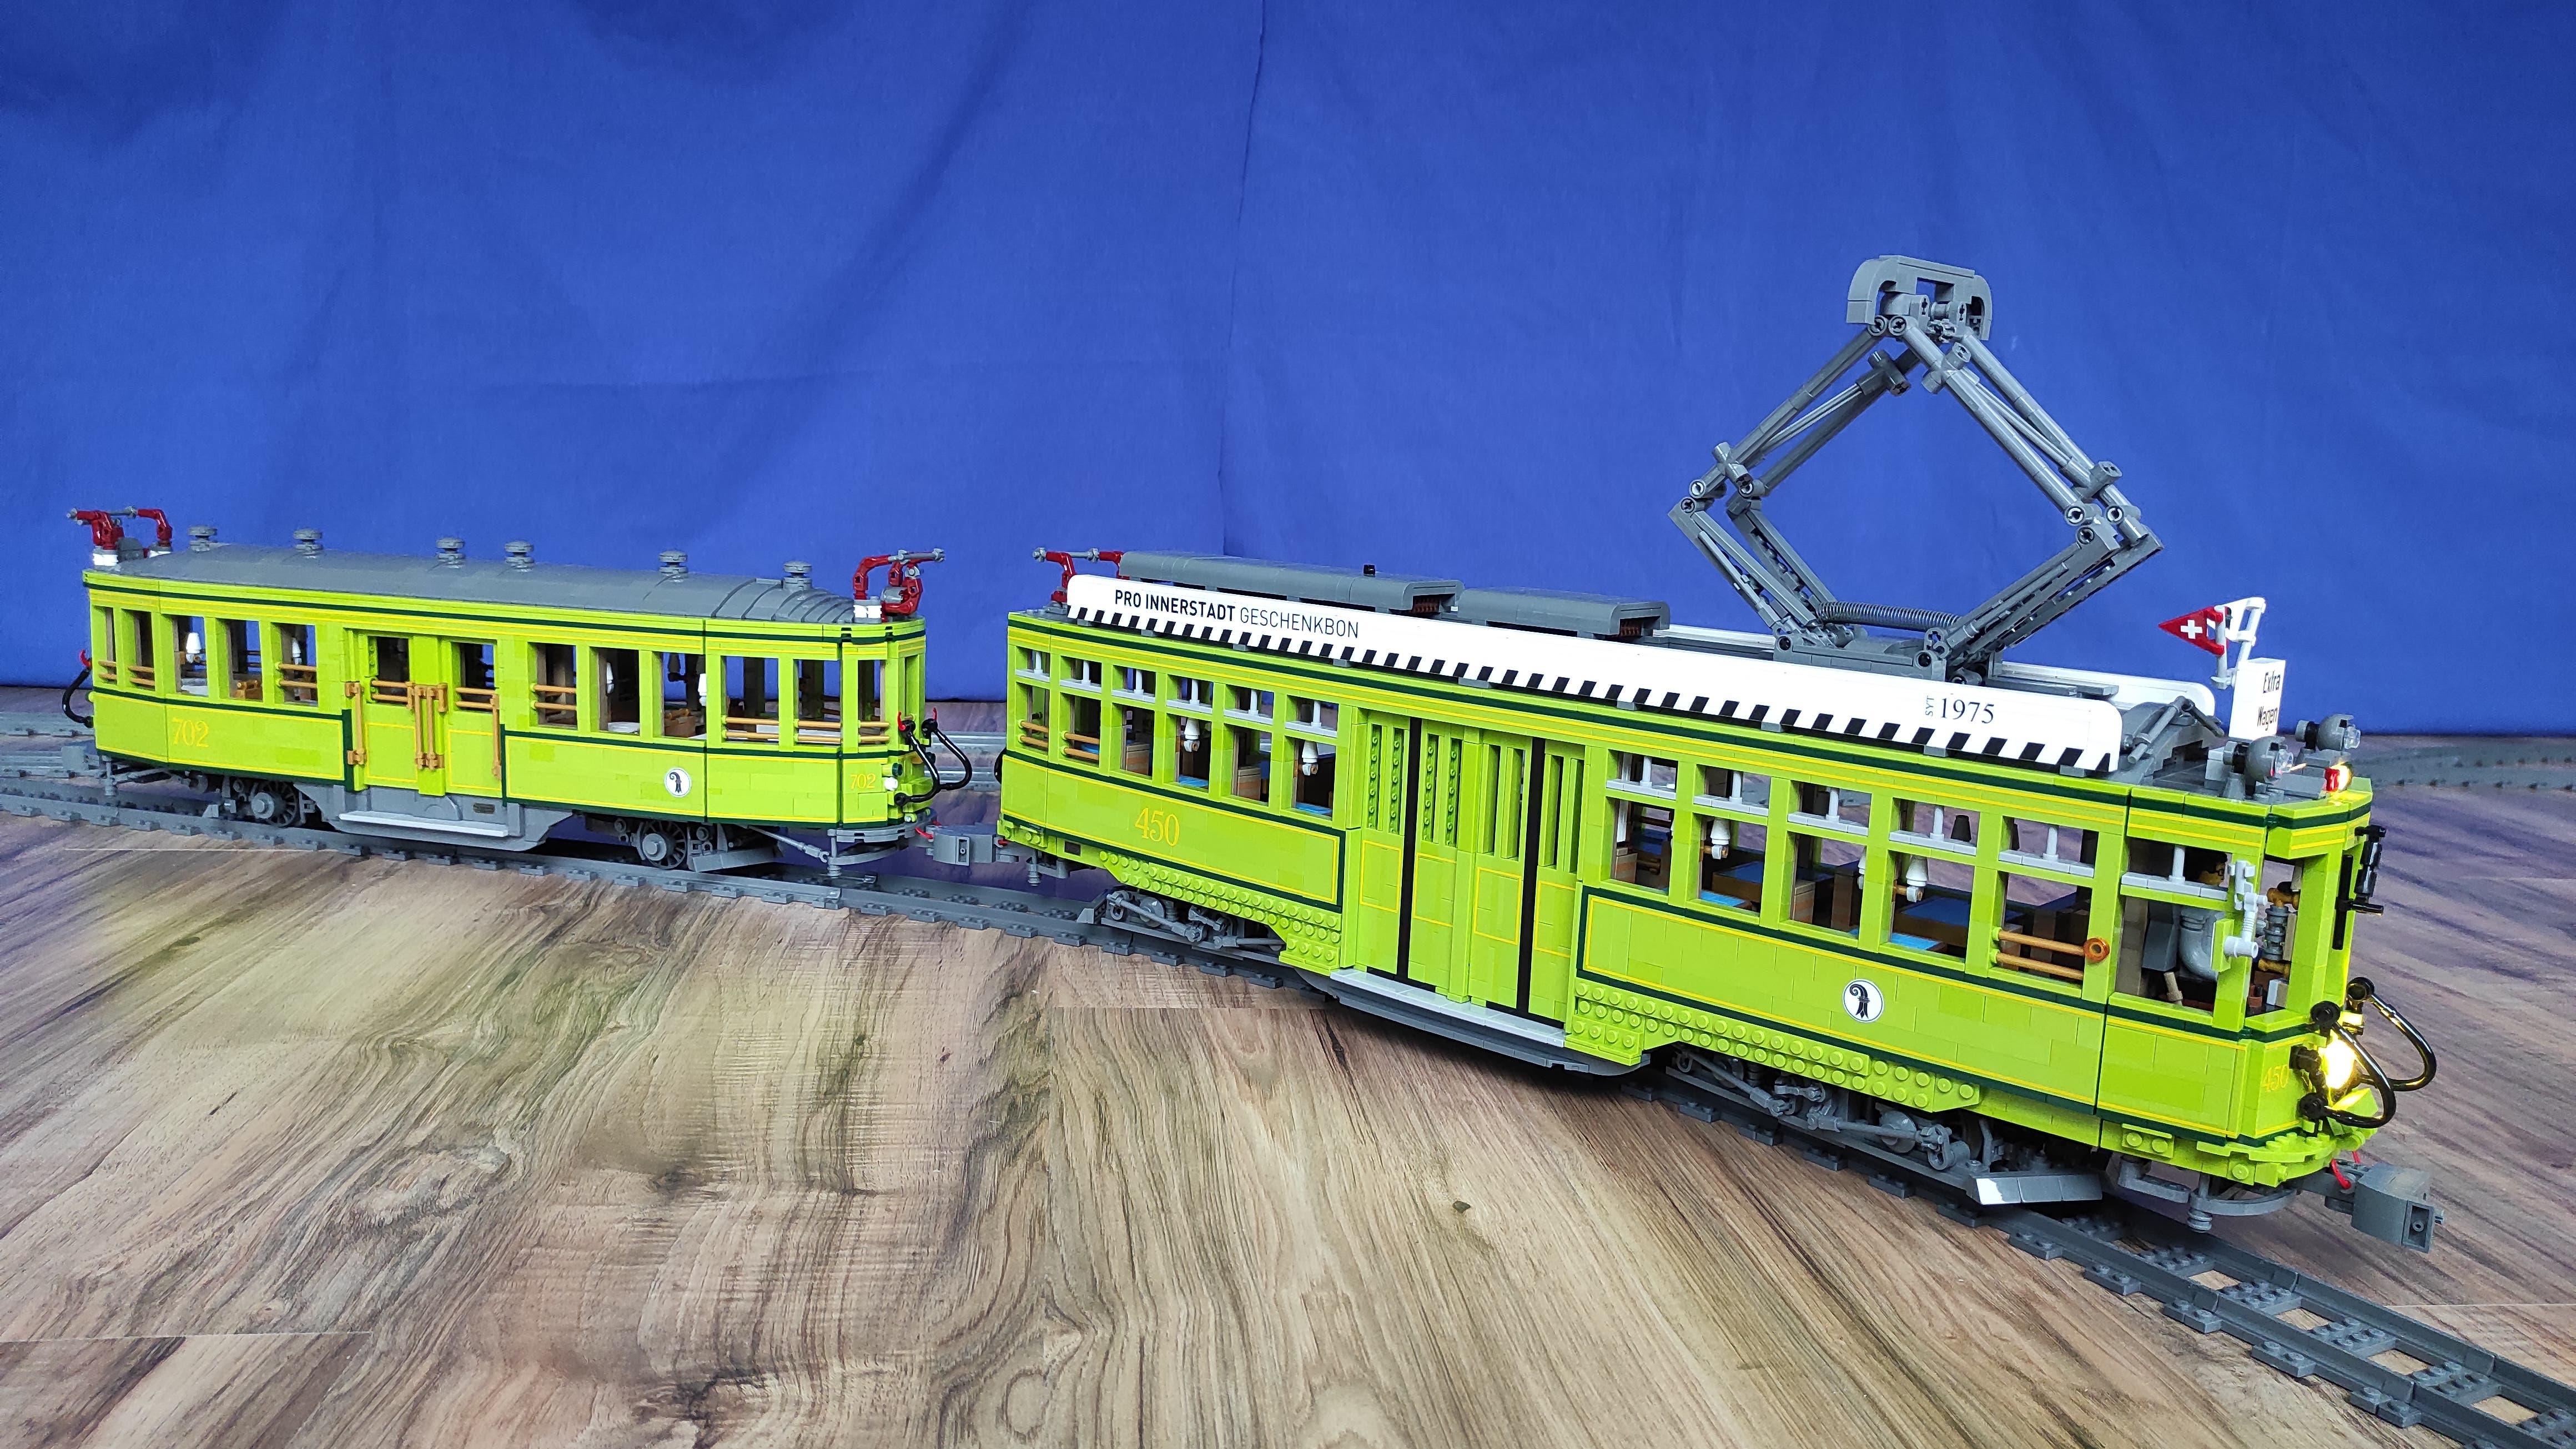 Nicht zum ersten Mal erschuf der Primarlehrer ein Fahrzeug aus Legosteinen.